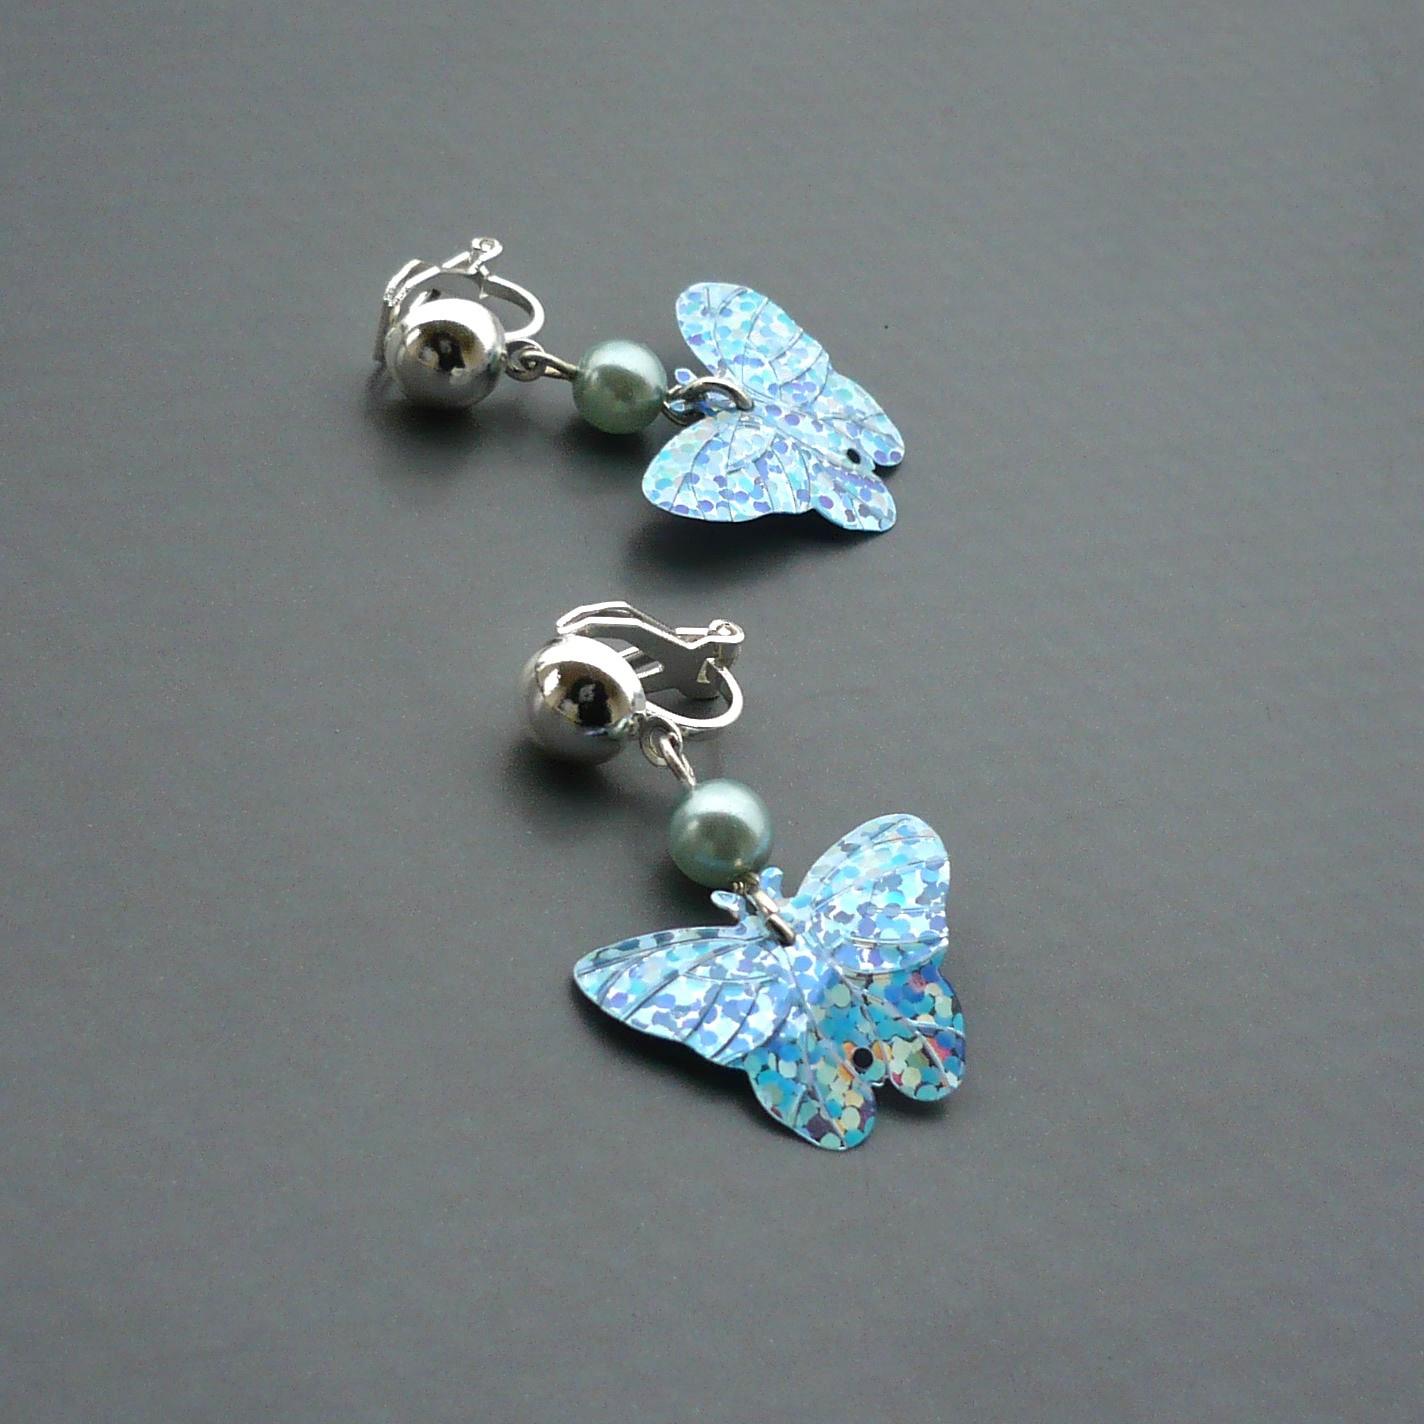 Světle modré motýlkové náušnice - klipsy   Zboží prodejce kakafuna ... 8302d491eab